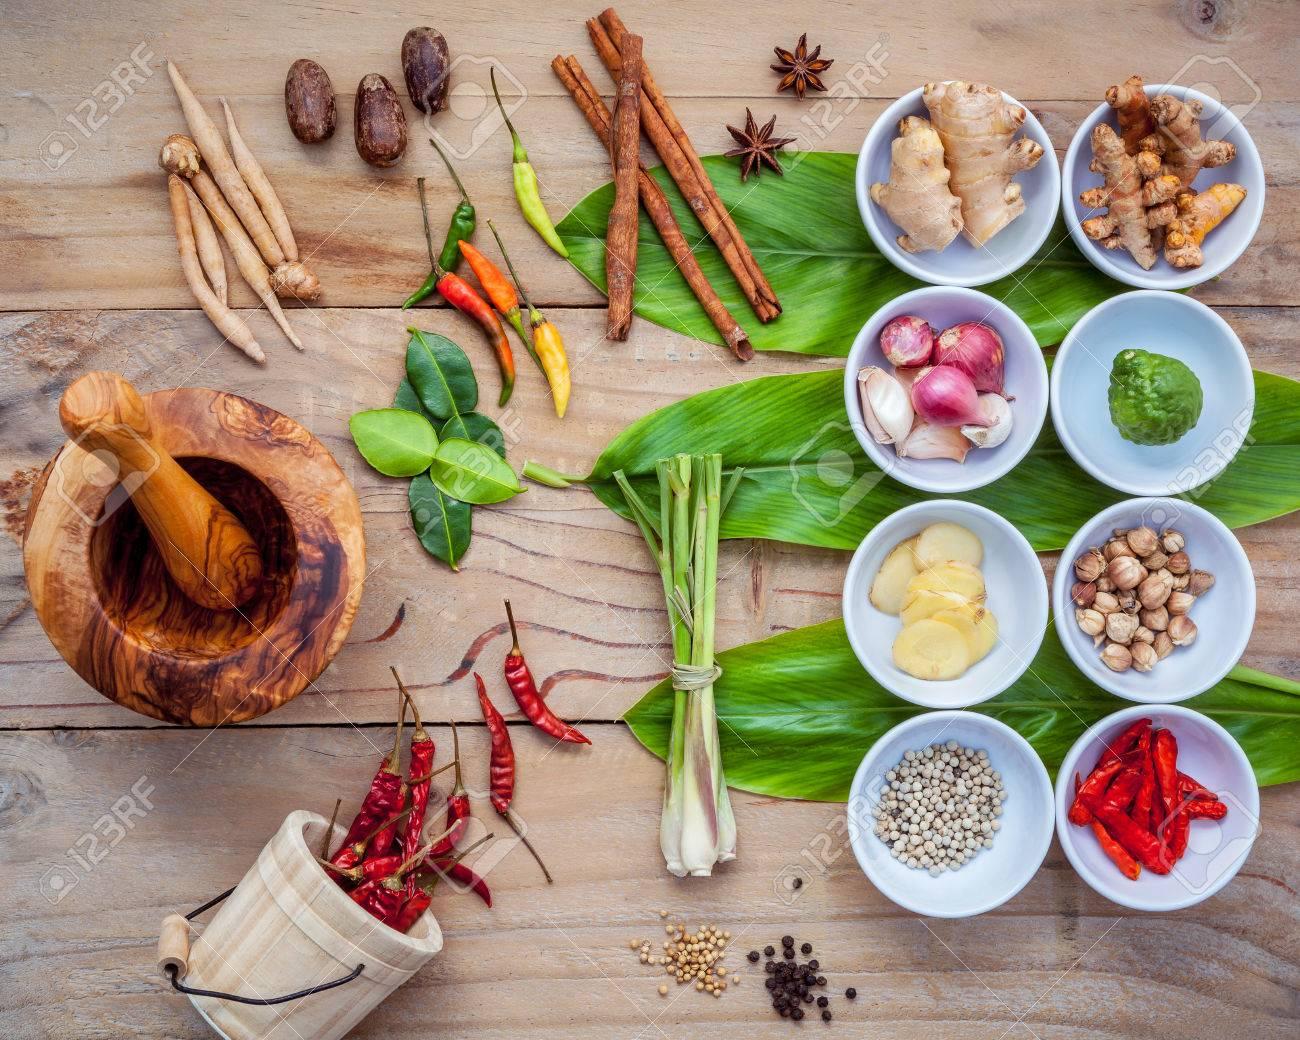 Verschiedene thailändische Lebensmittel kochen Zutaten für Gewürz rot  Curry-Paste Zutat von Thai beliebtes Essen auf Galanga Blatt Hintergrund.